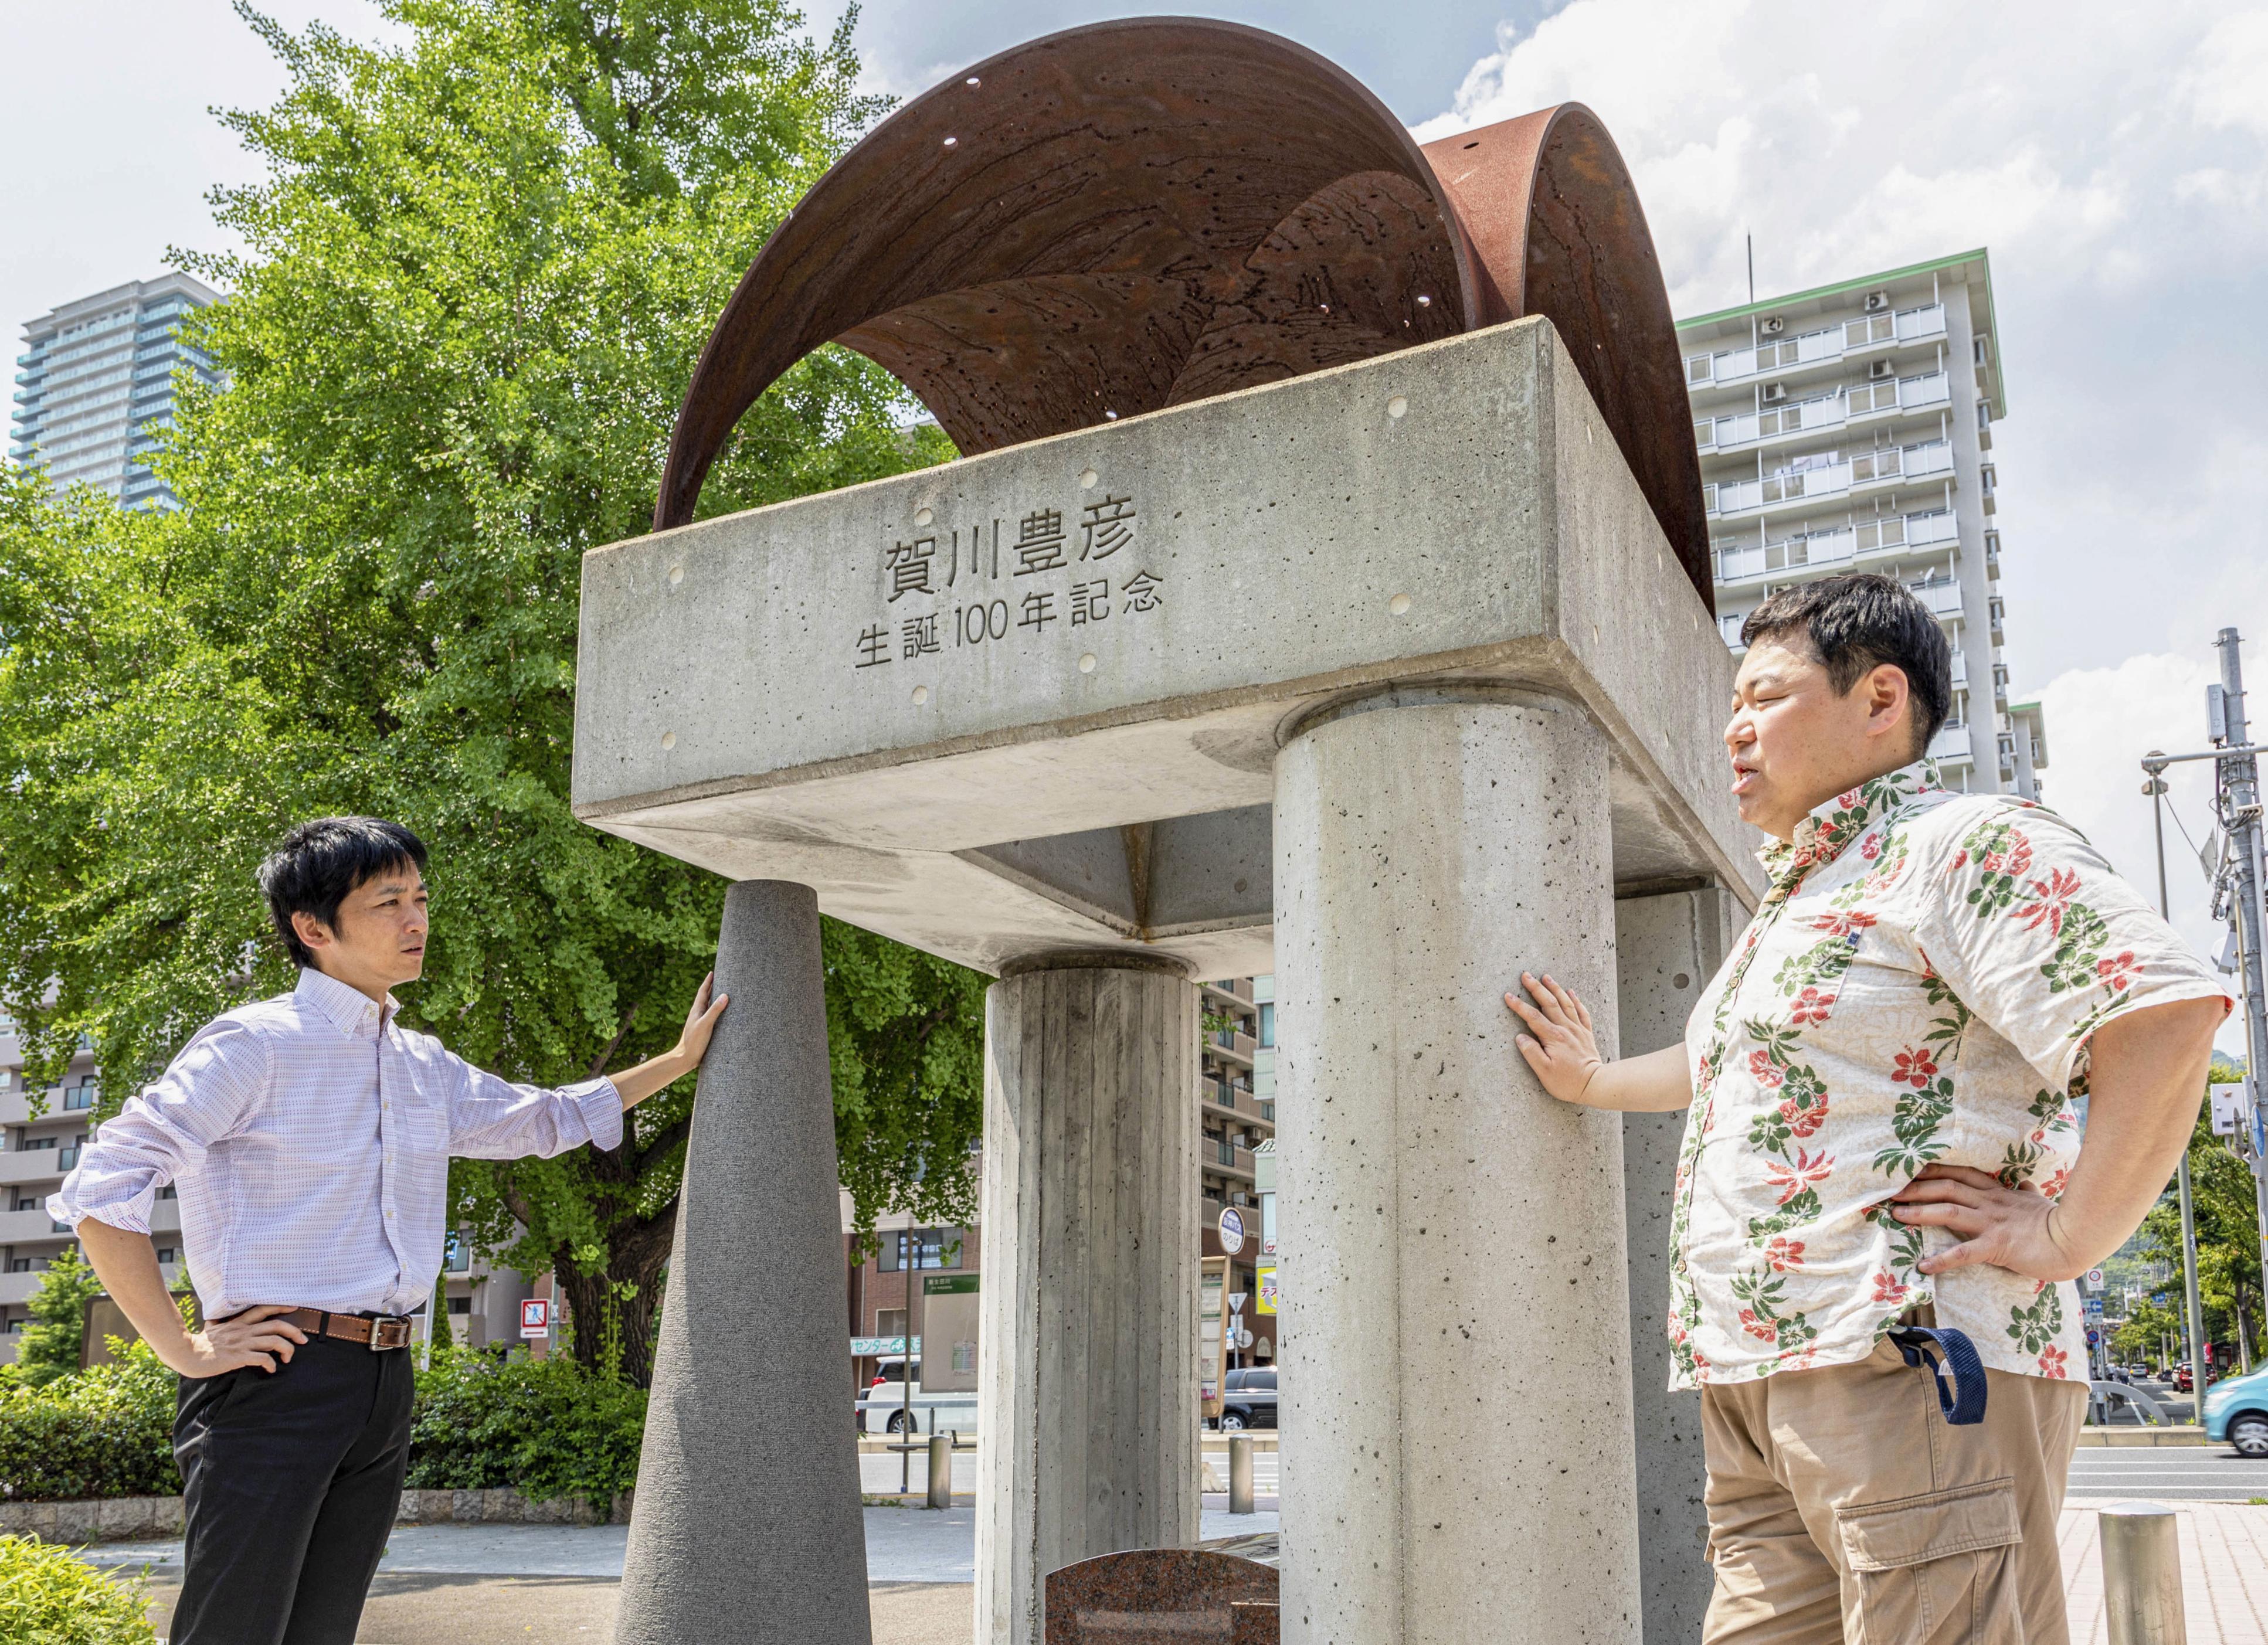 賀川豊彦はこの地で貧しい人々の救済に打ち込んだ。生誕100年の記念碑前で語り合う松谷信司(左)と波勢邦生=神戸市